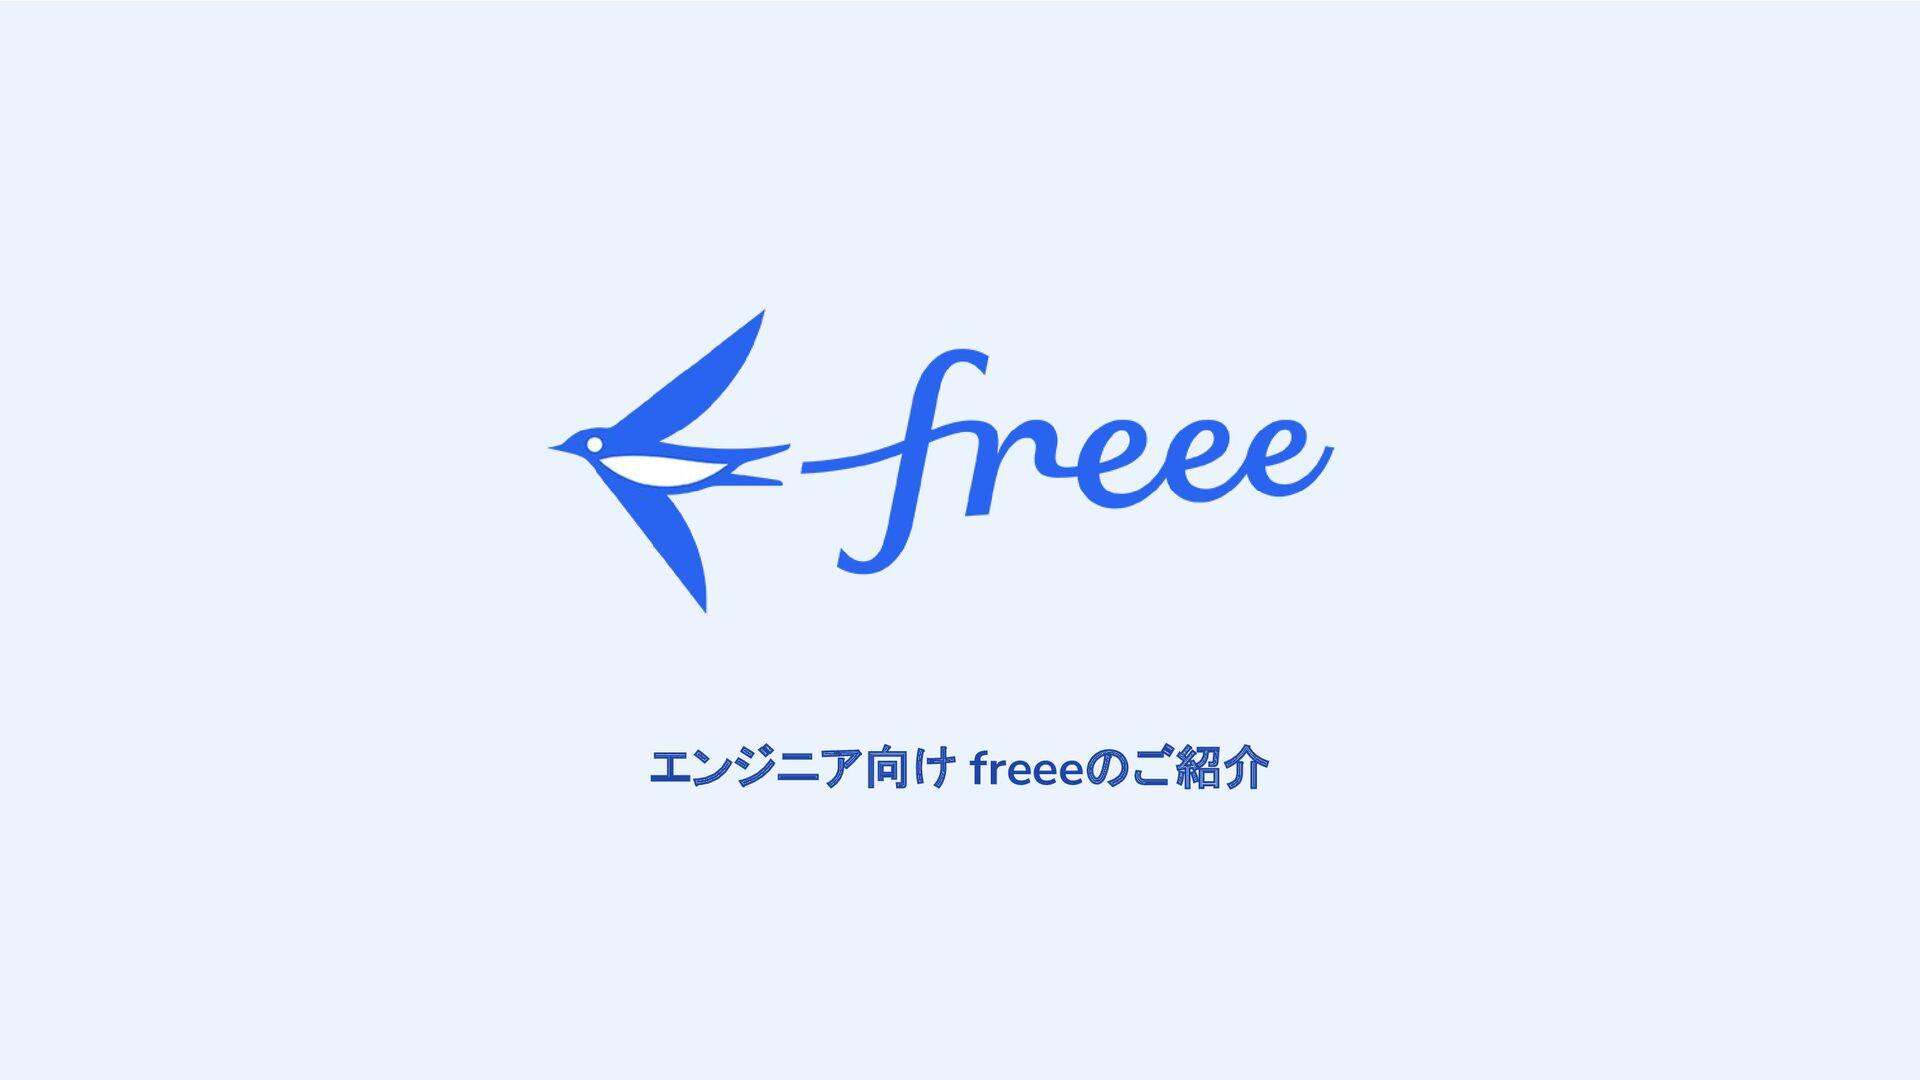 freee 株式会社 freeeのご紹介